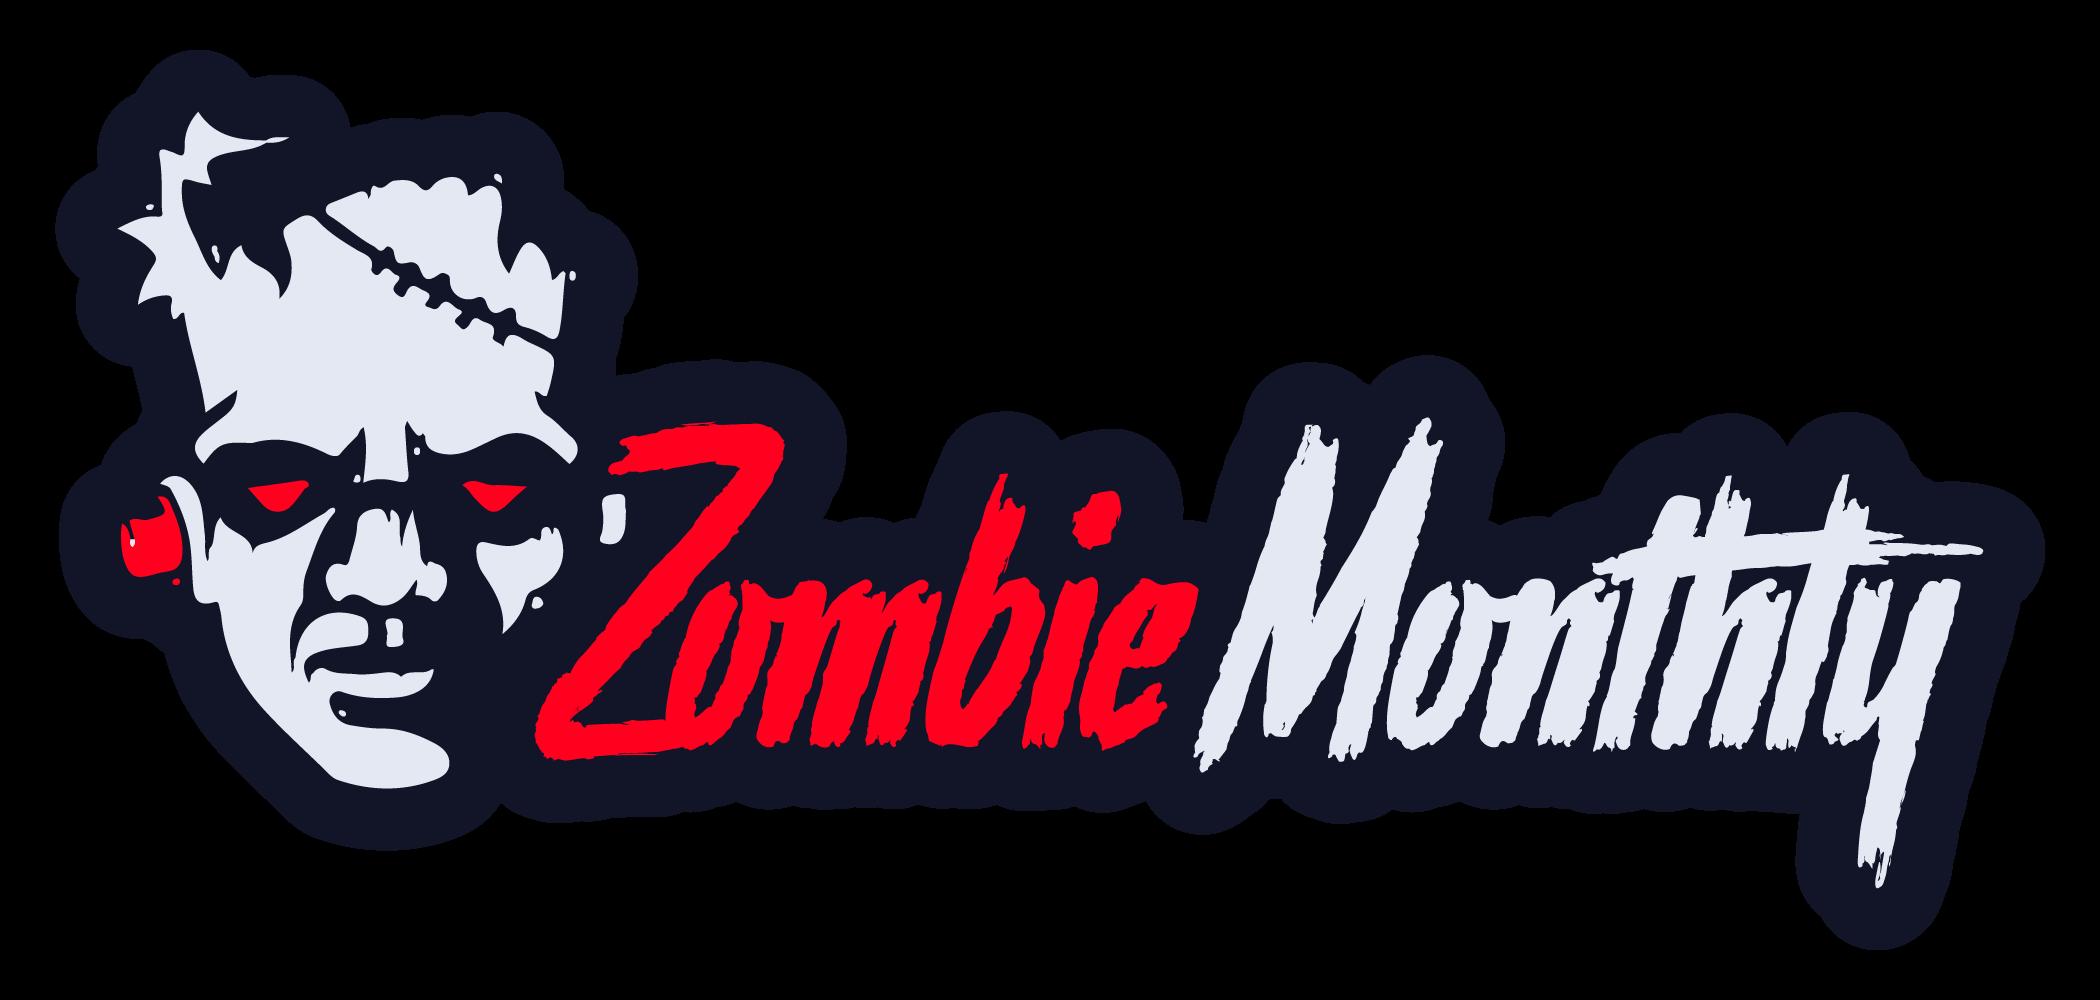 Zombie Monthly